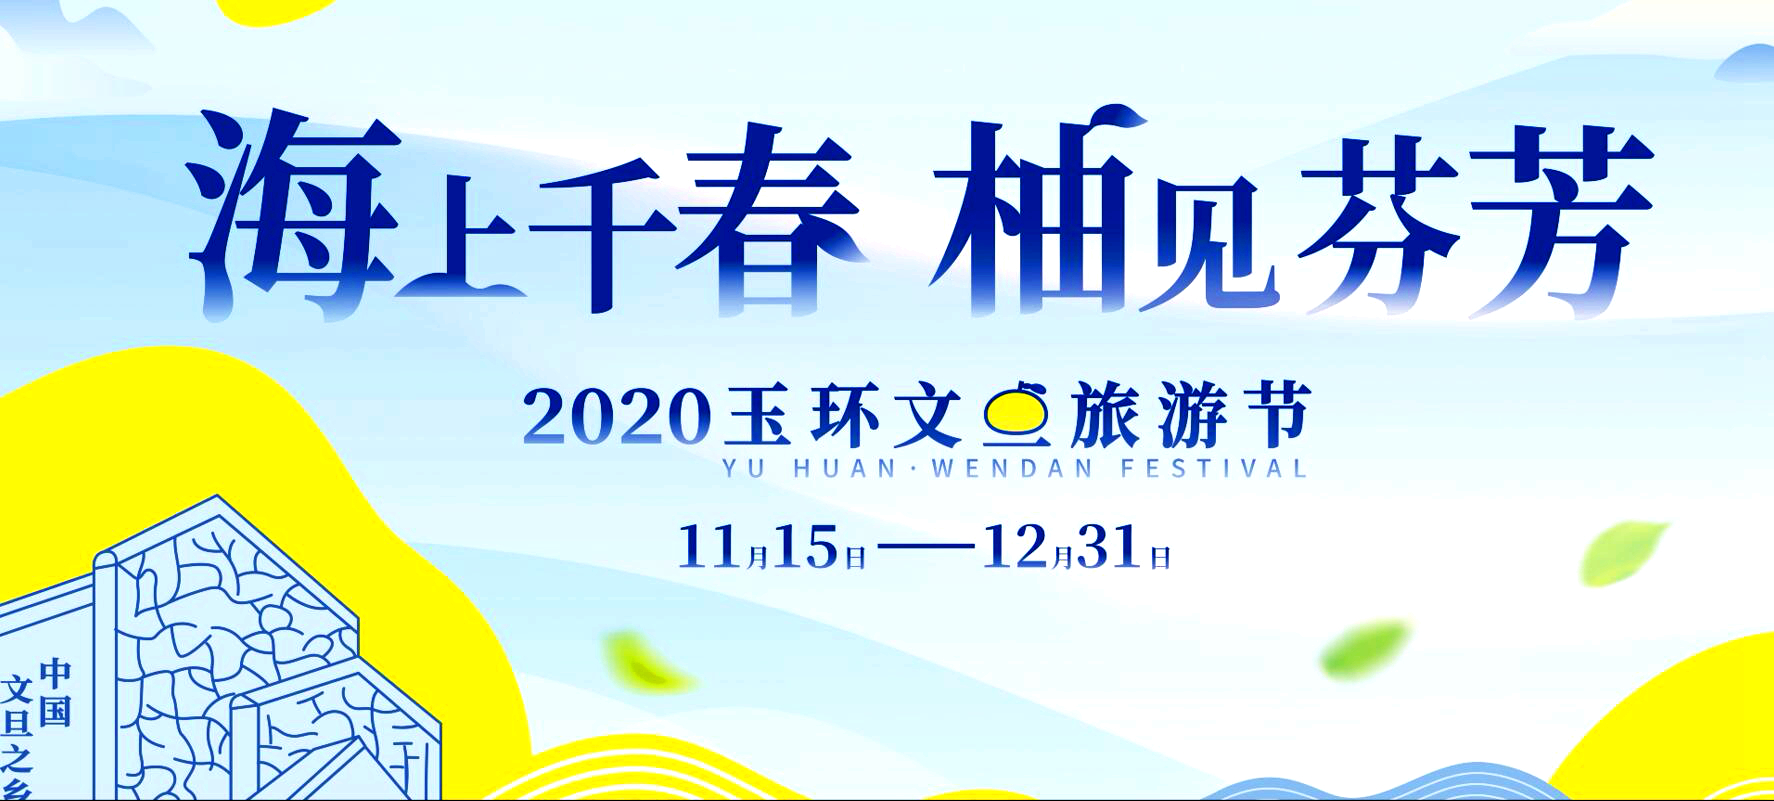 2020玉环文旦旅游节 logo